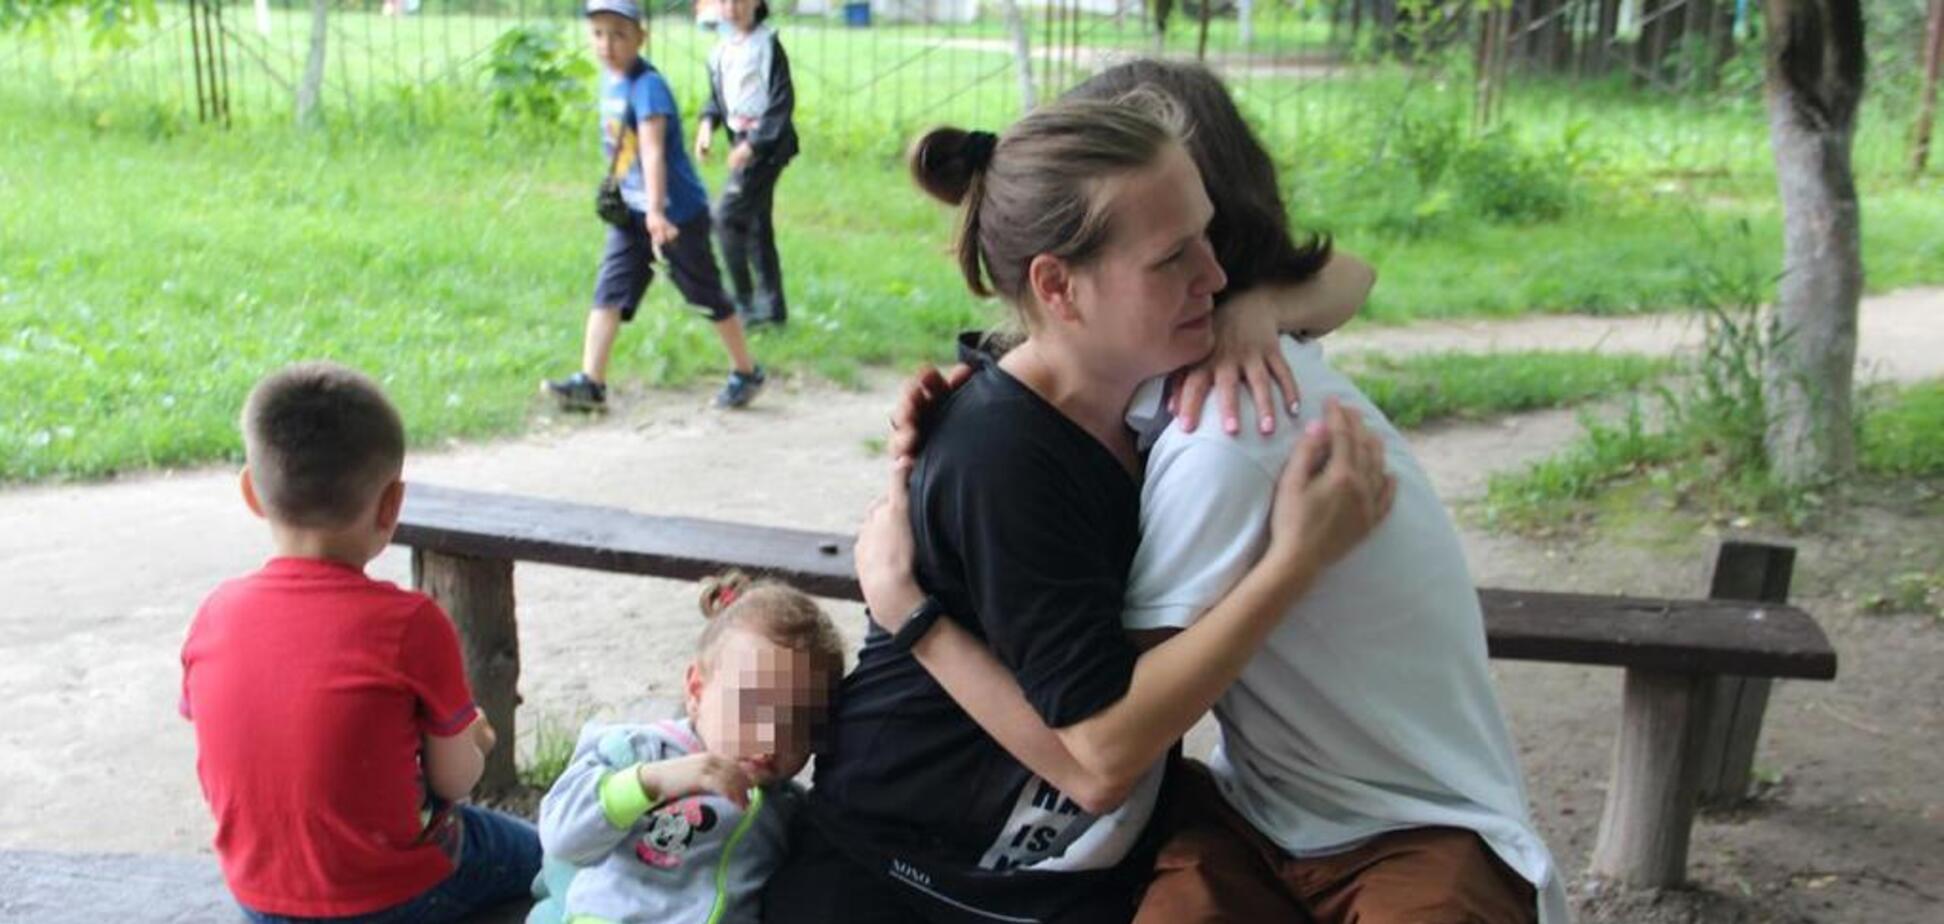 Прыгнул без раздумий: в Житомире юный герой спас двух малышей из реки